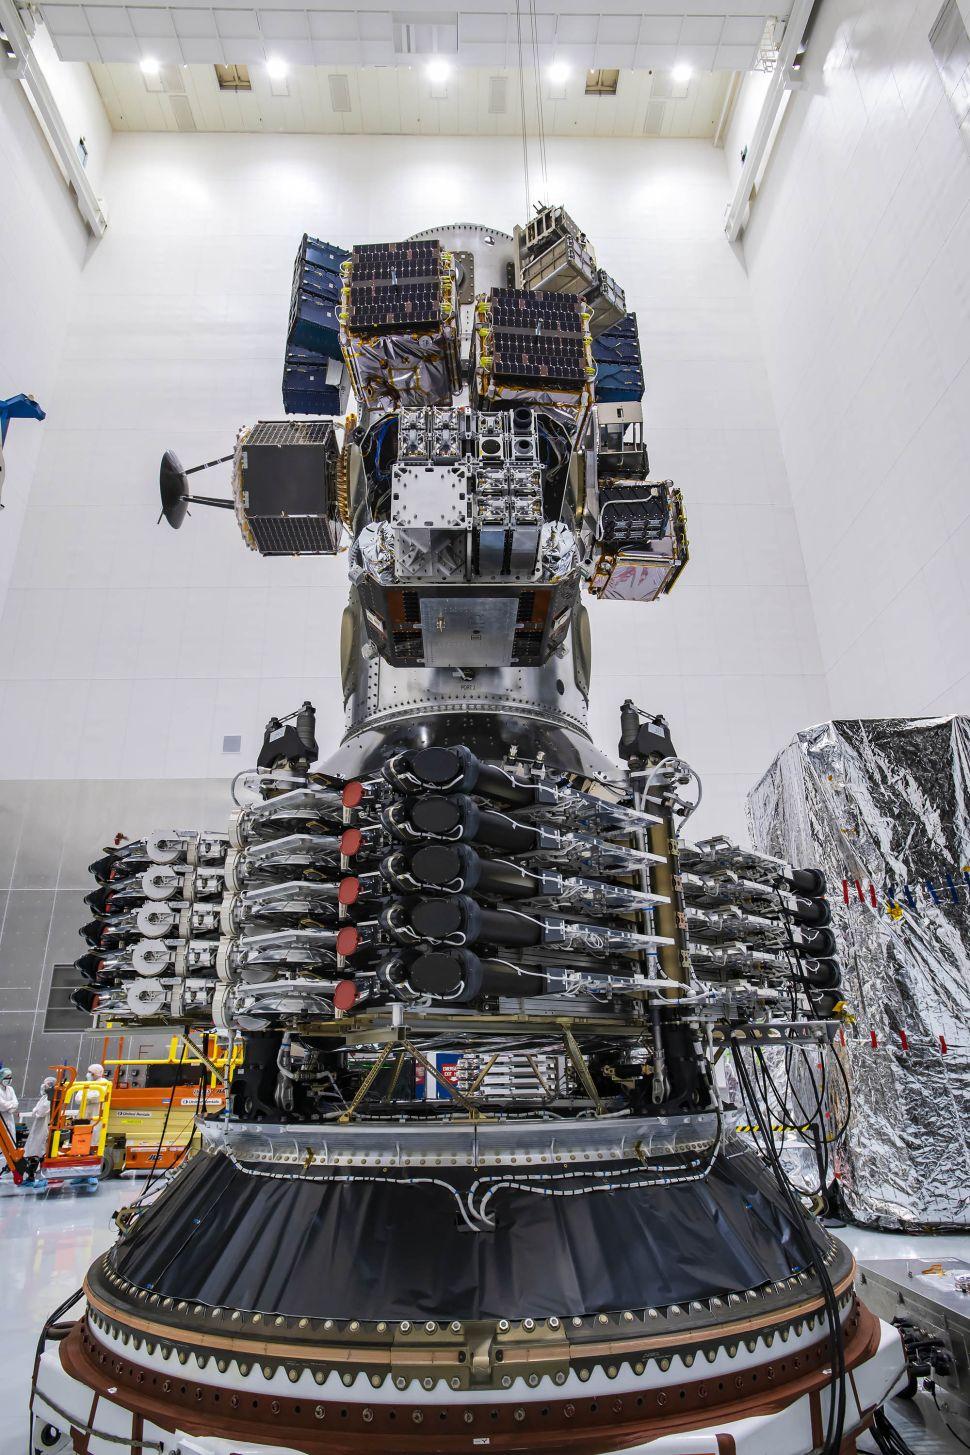 Les 143 satellites de la mission Transporter-1 de SpaceX empilée dans la fusée. (Crédit image : Planet/SpaceX)